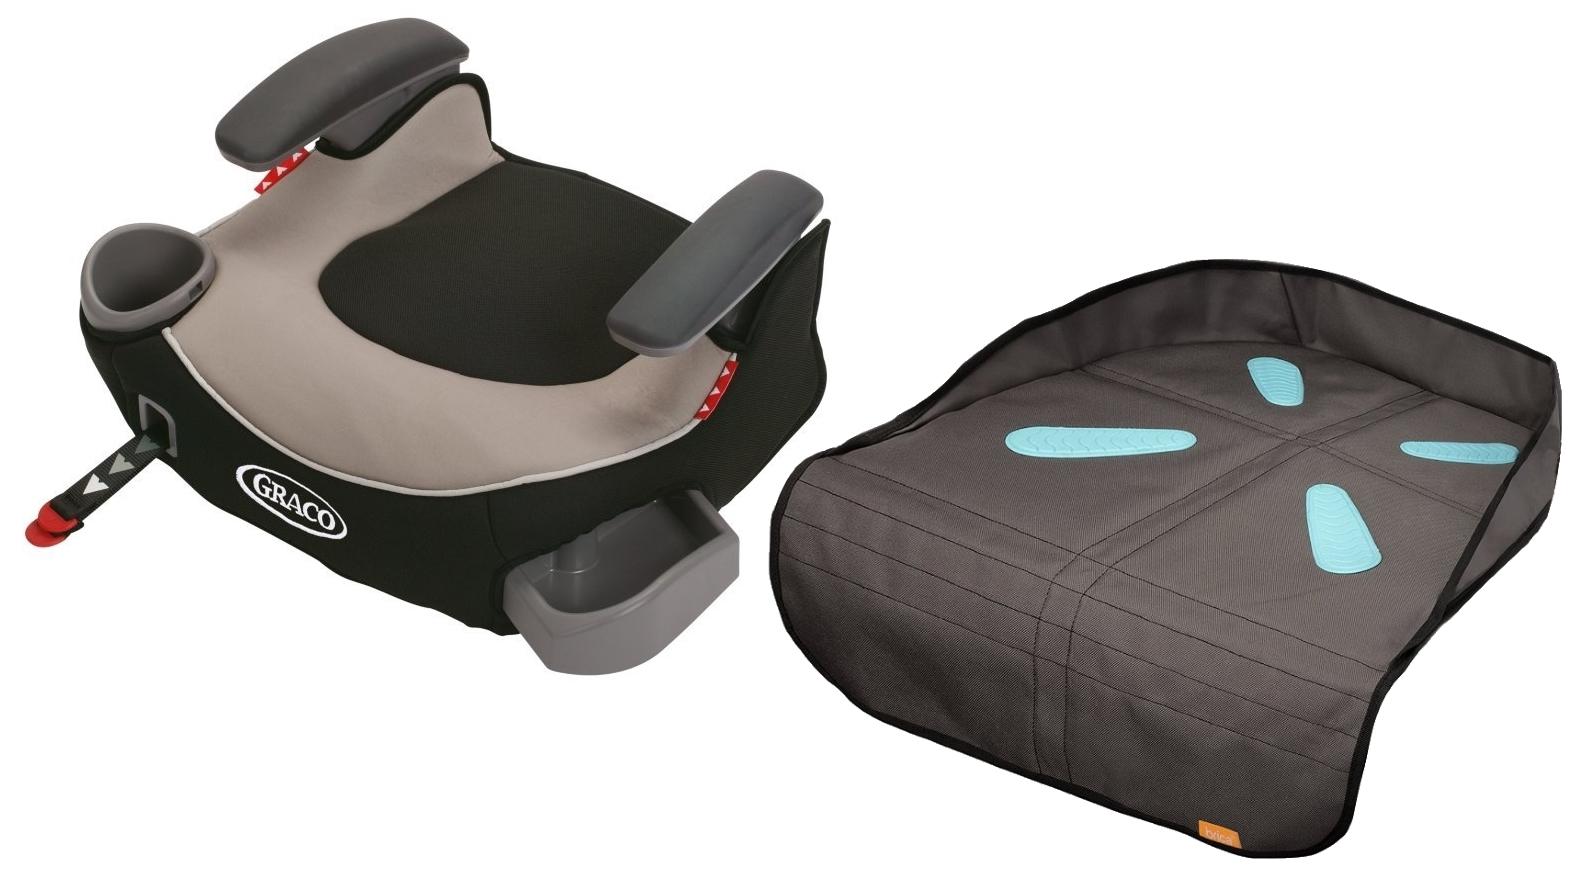 Silla De Carro Para Bebe Afijo de Graco Booster sin respaldo con cojín de asiento, Pierce + Graco en Veo y Compro